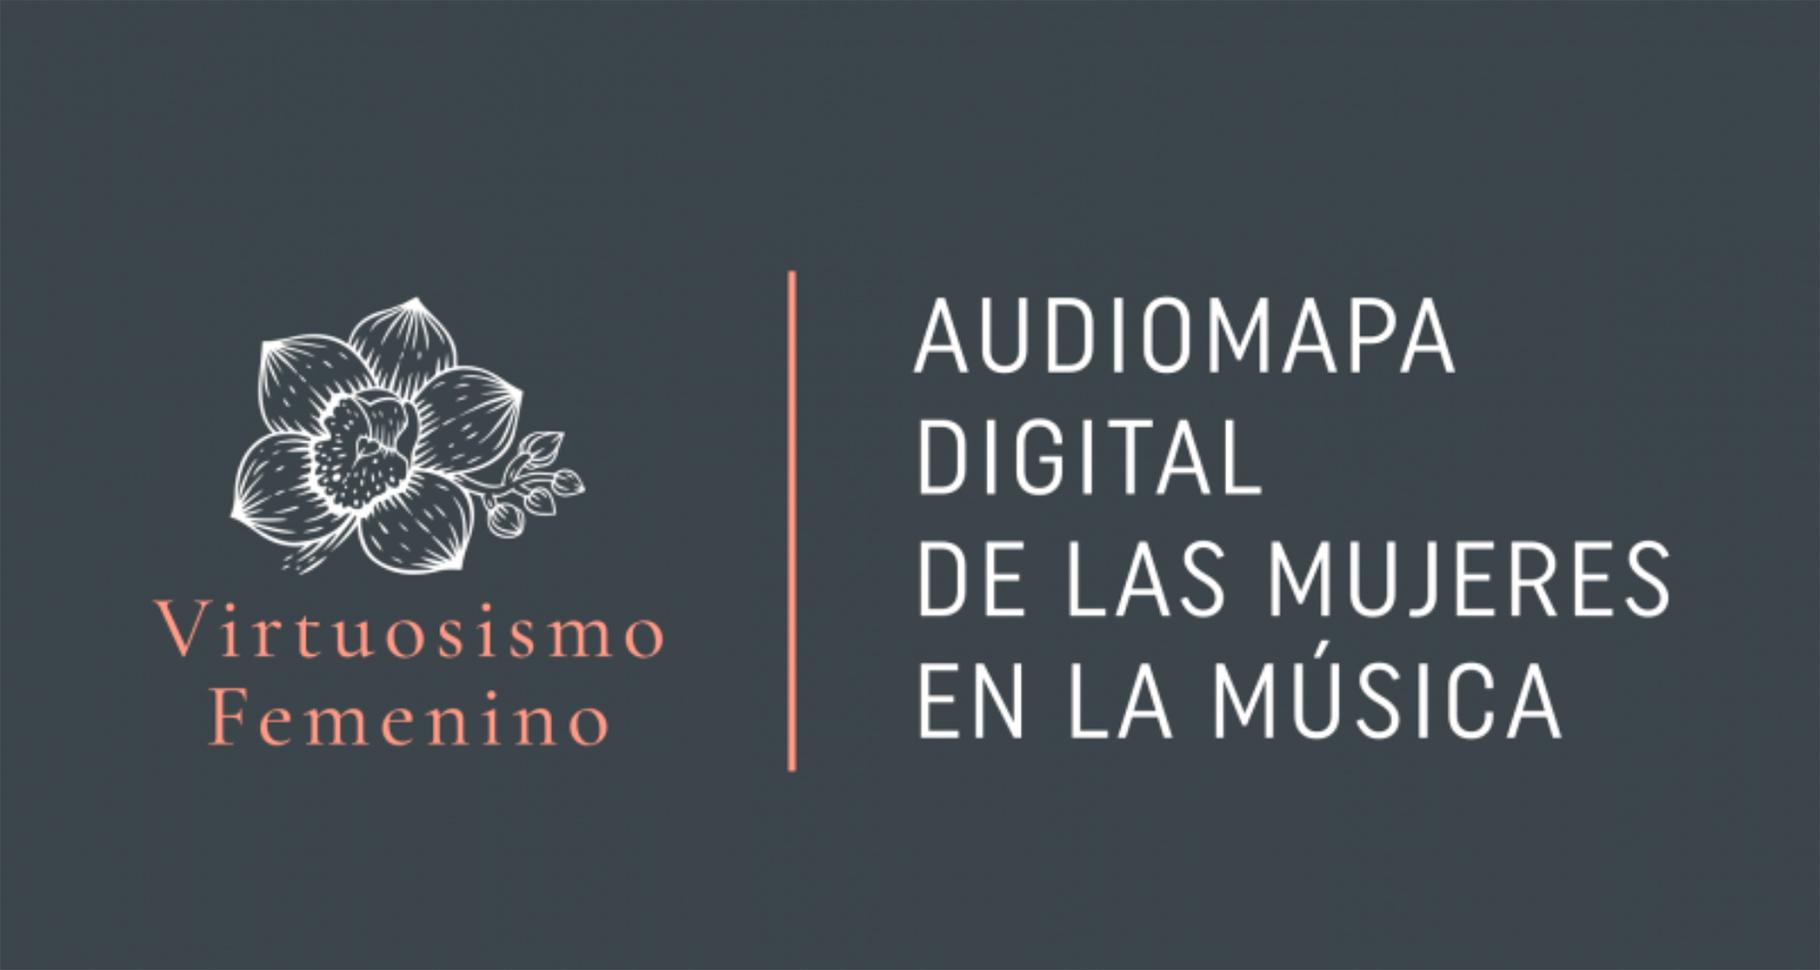 Audiomapa digital de las mujeres en la música